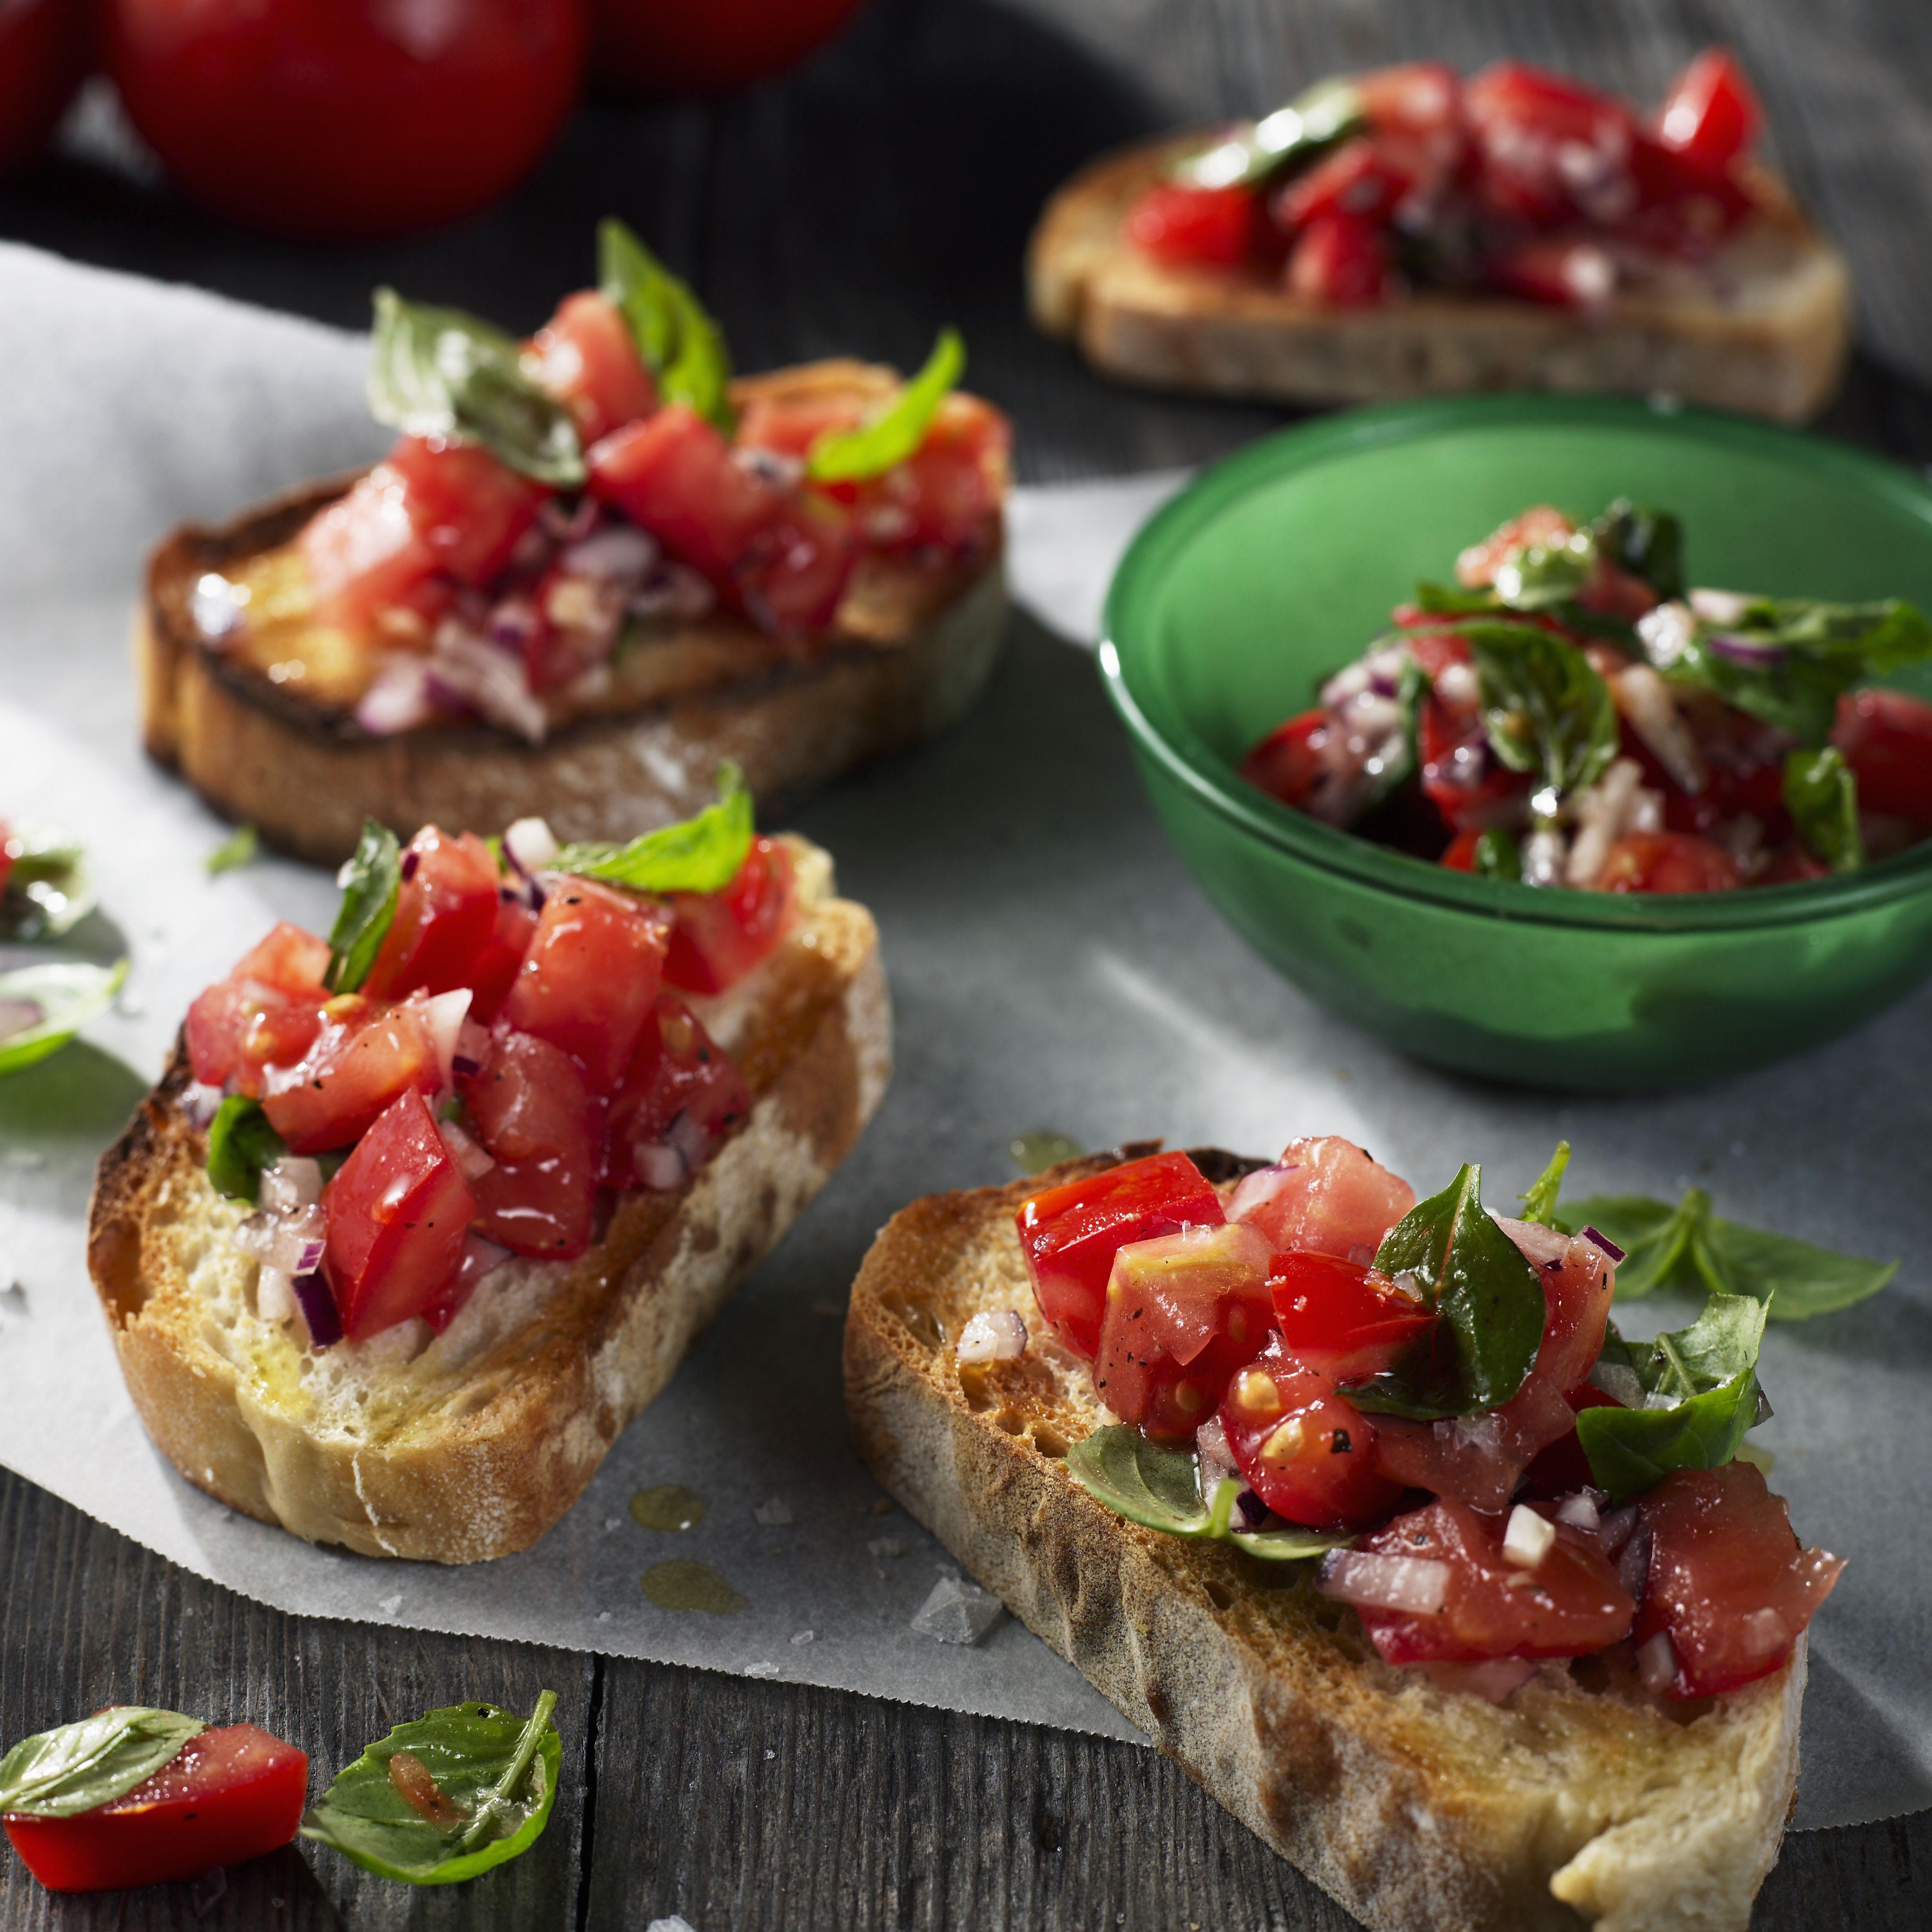 Grilled Tomato-Herb Bruschetta